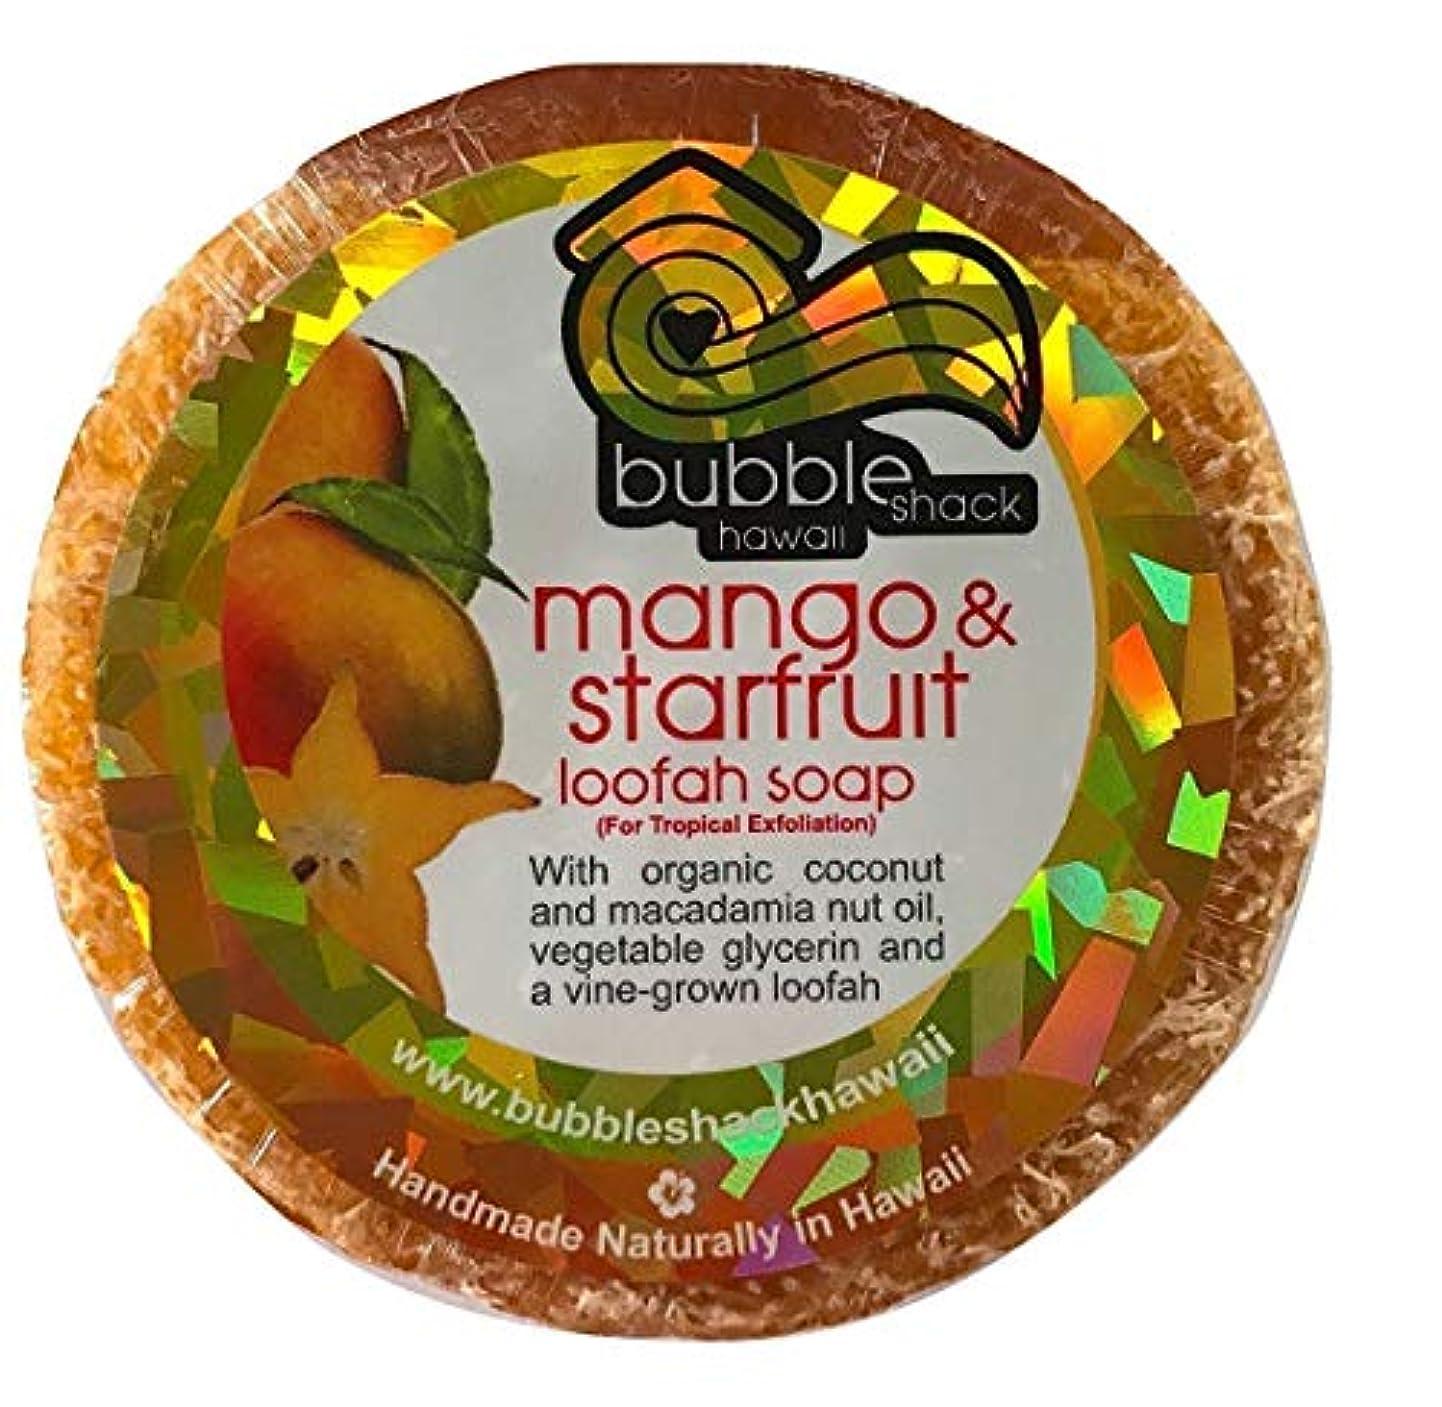 困惑する類似性ブランチハワイアン雑貨/ハワイ 雑貨【バブルシャック】Bubble Shack Hawaii ルーファーソープ(マンゴ&スターフルーツ) 【お土産】